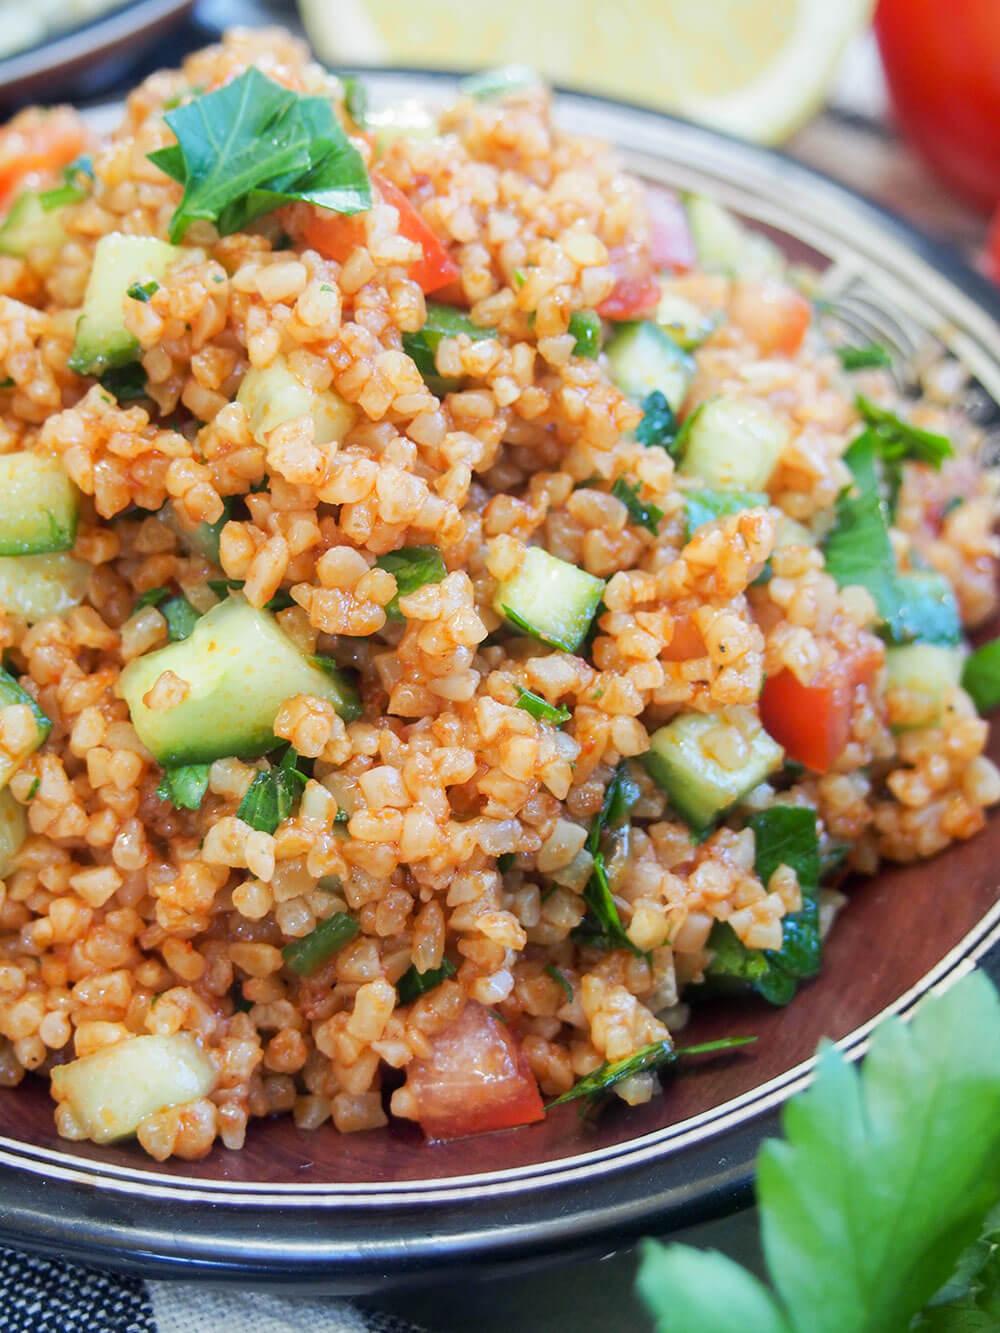 kisir Turkish bulgur salad close up